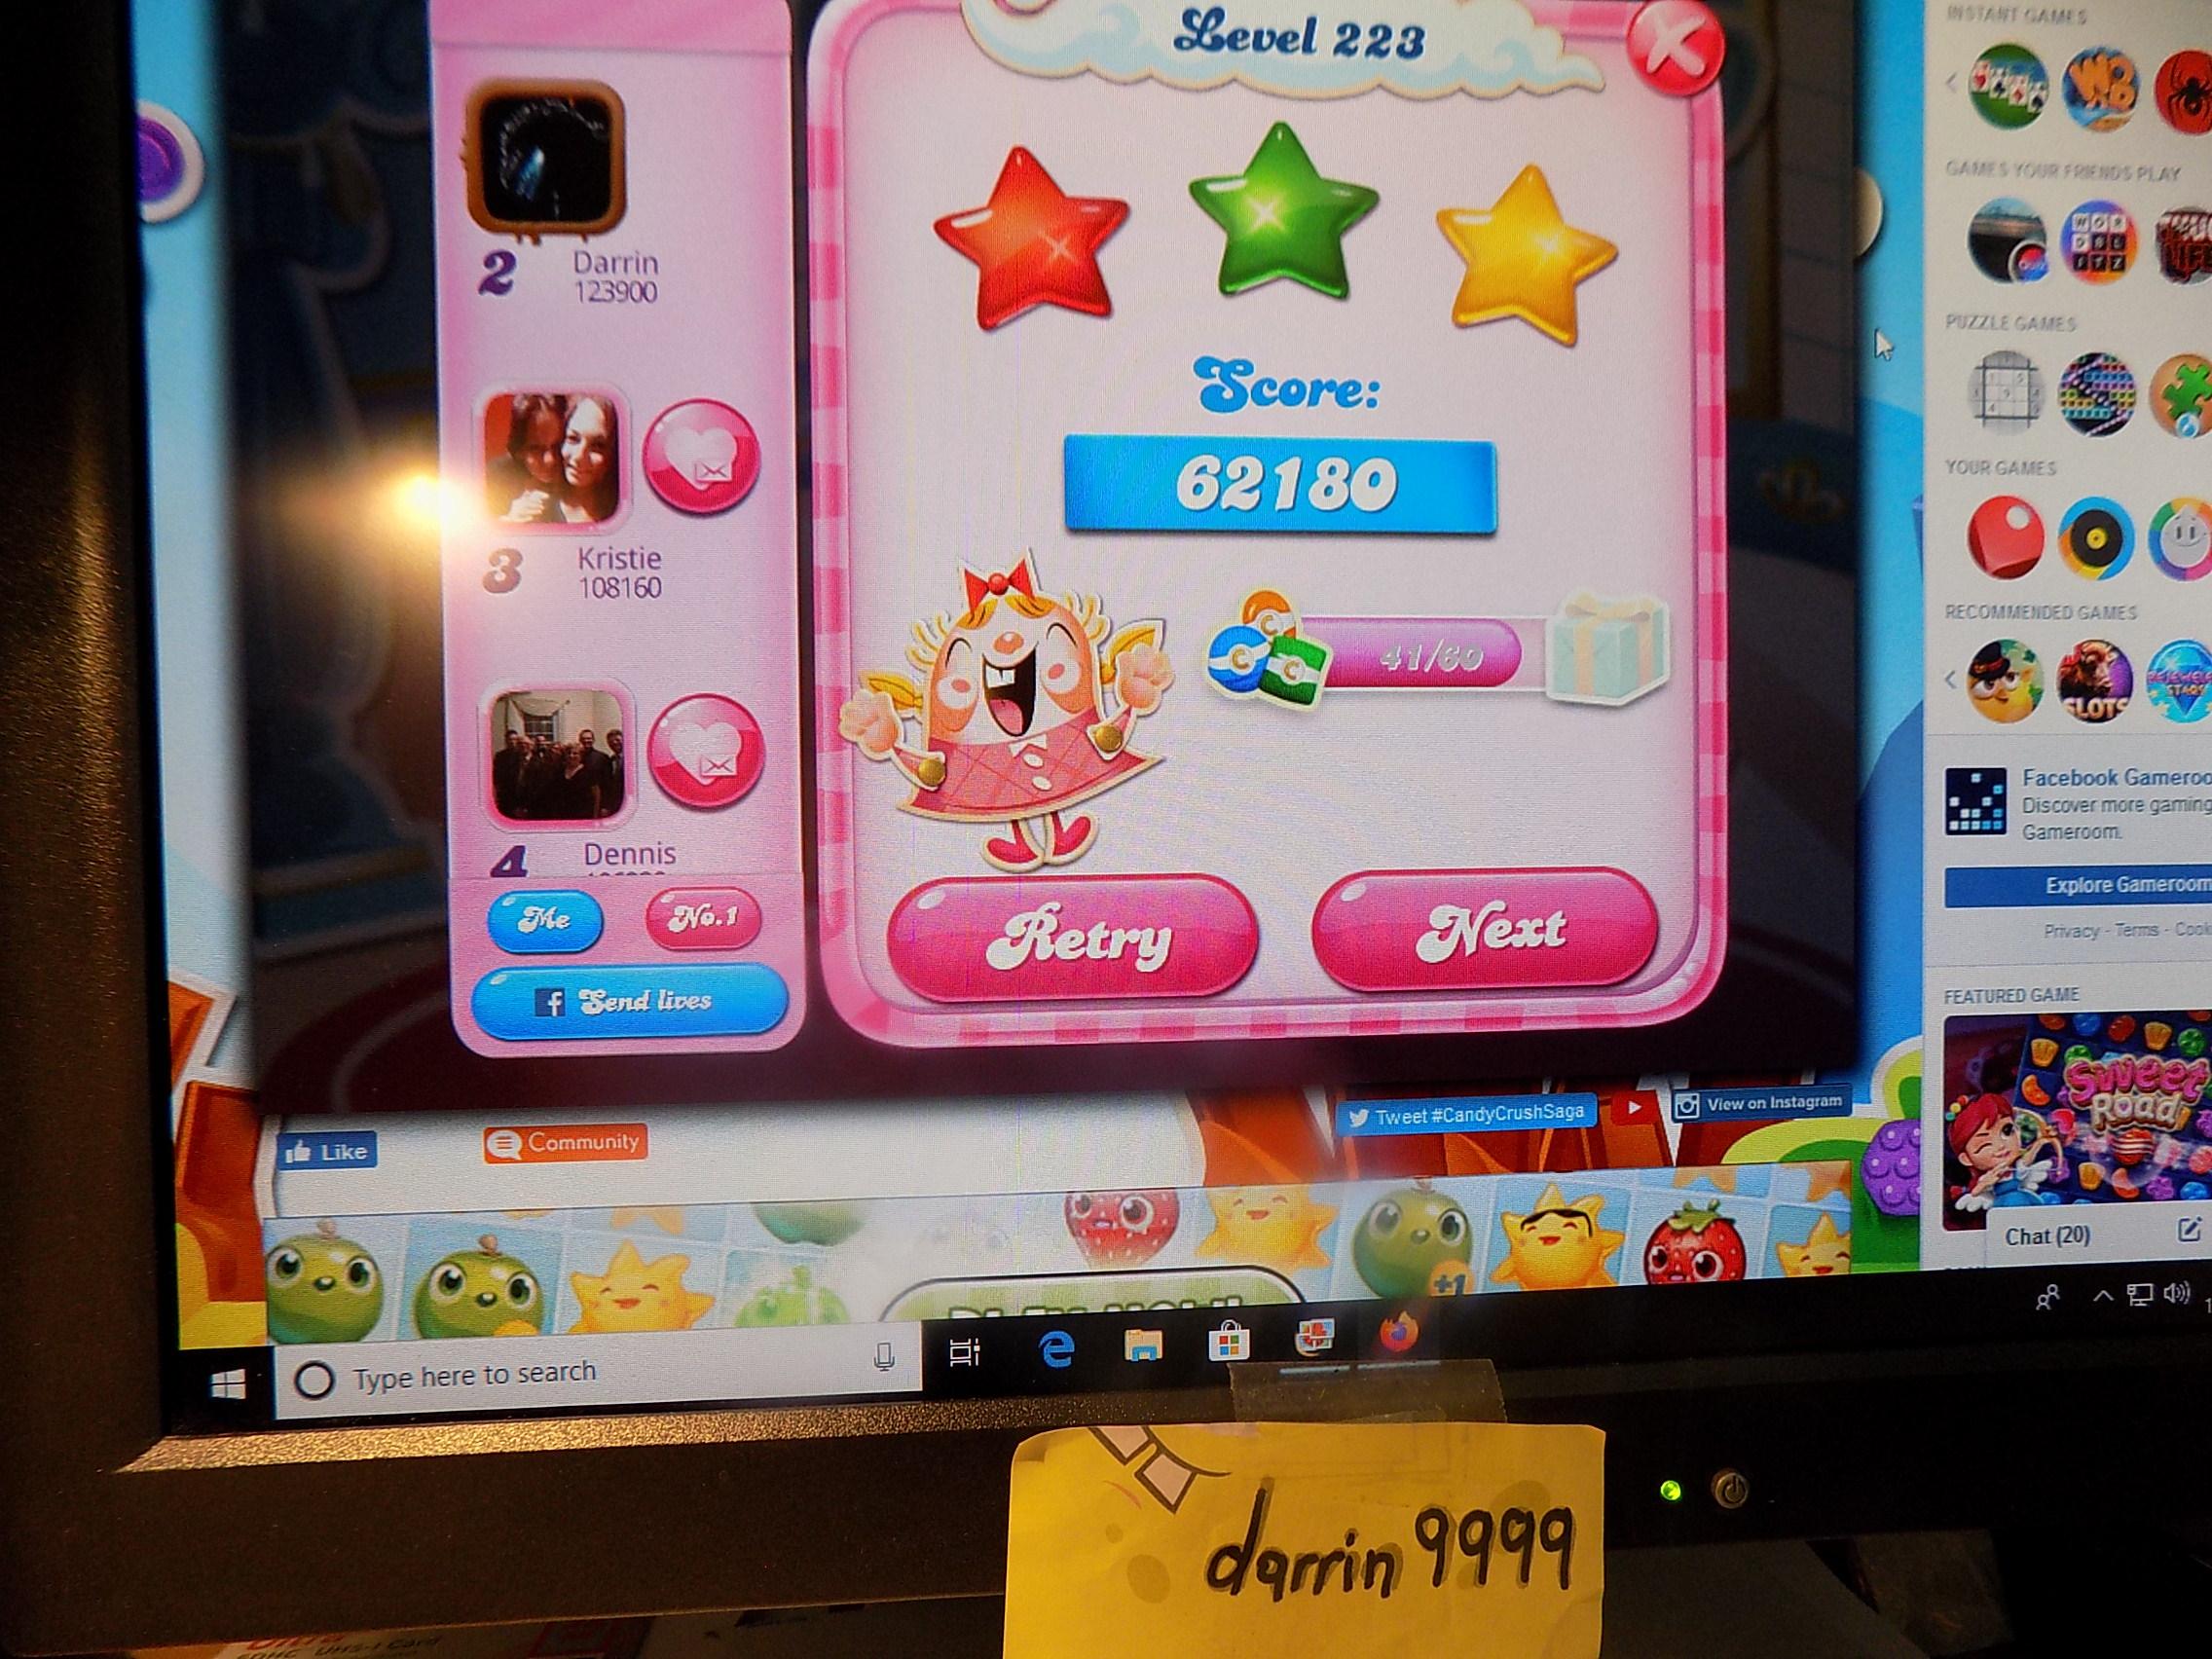 darrin9999: Candy Crush Saga: Level 223 (Web) 62,180 points on 2019-11-18 06:53:06